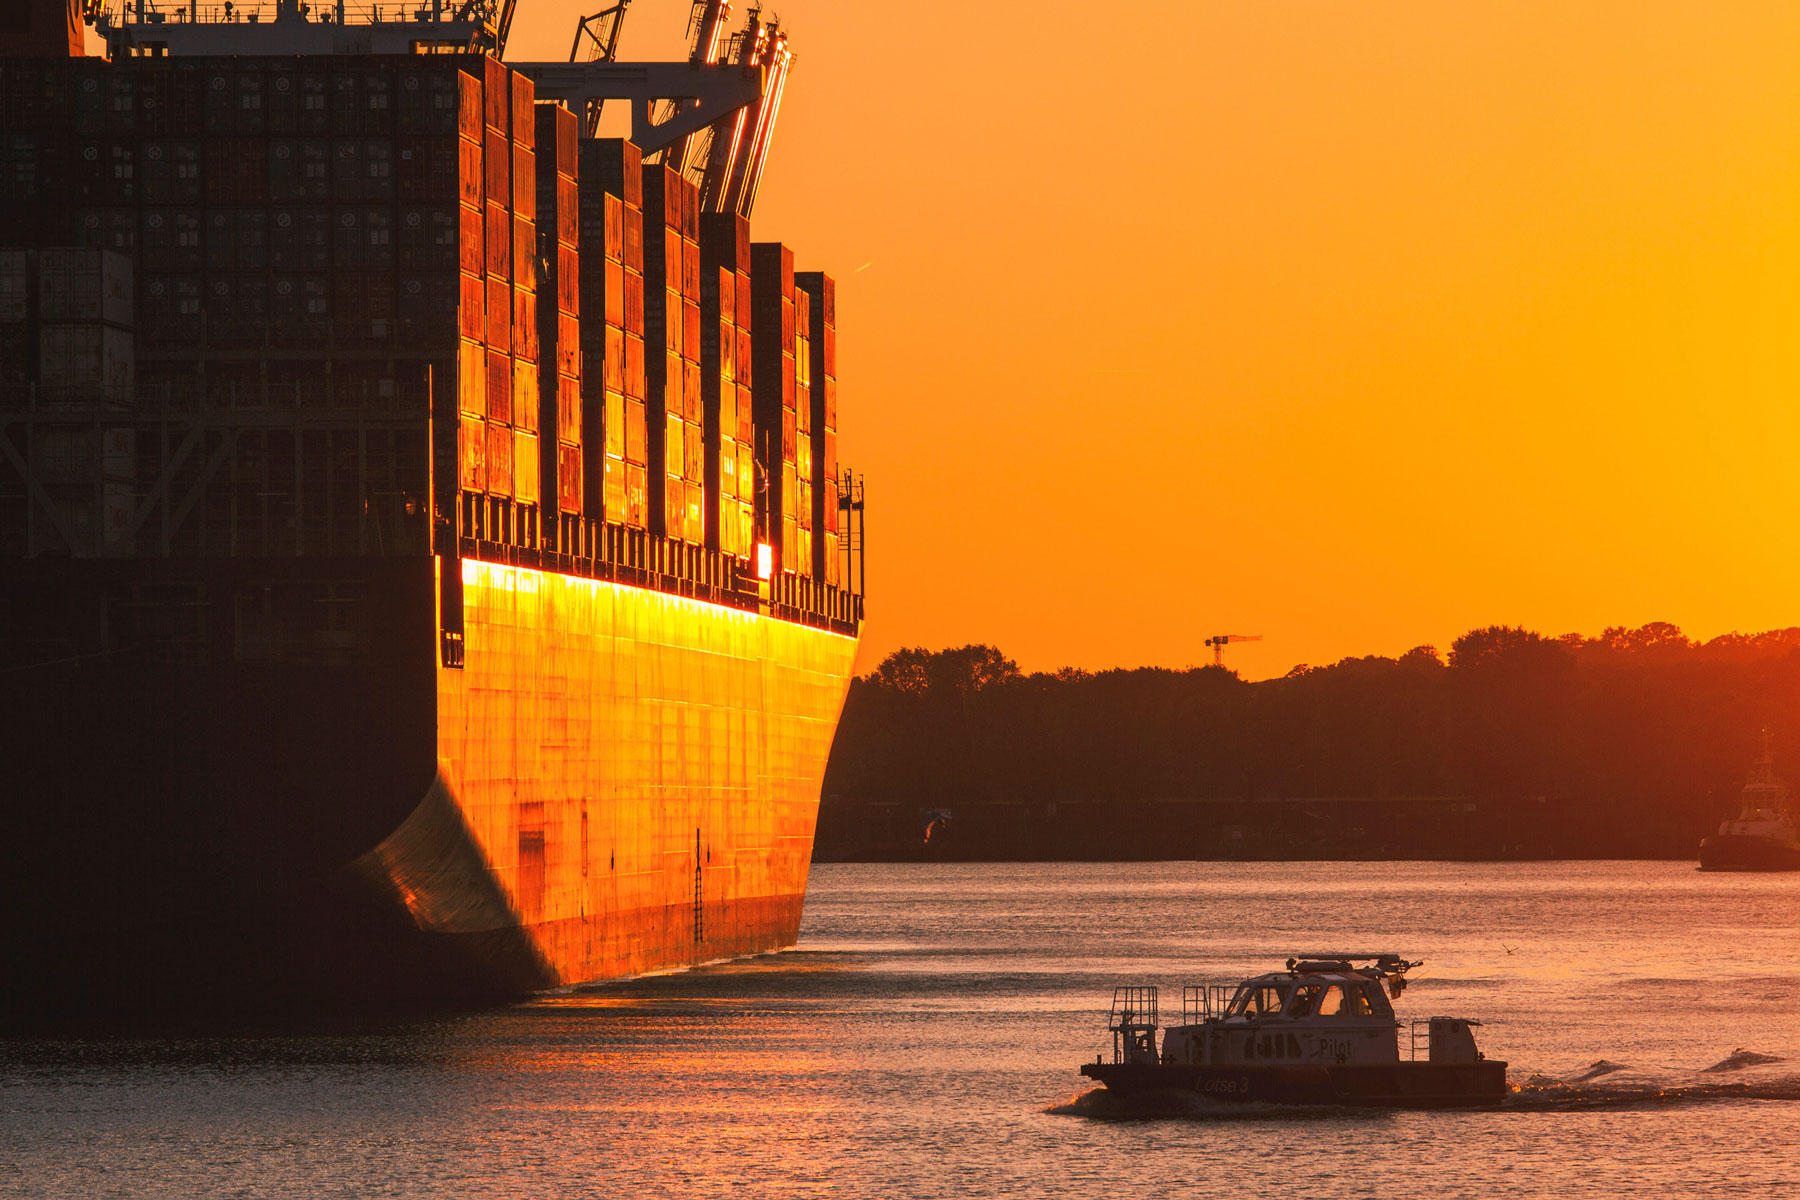 Containerschiff bei Sonnenuntergang in Hamburg